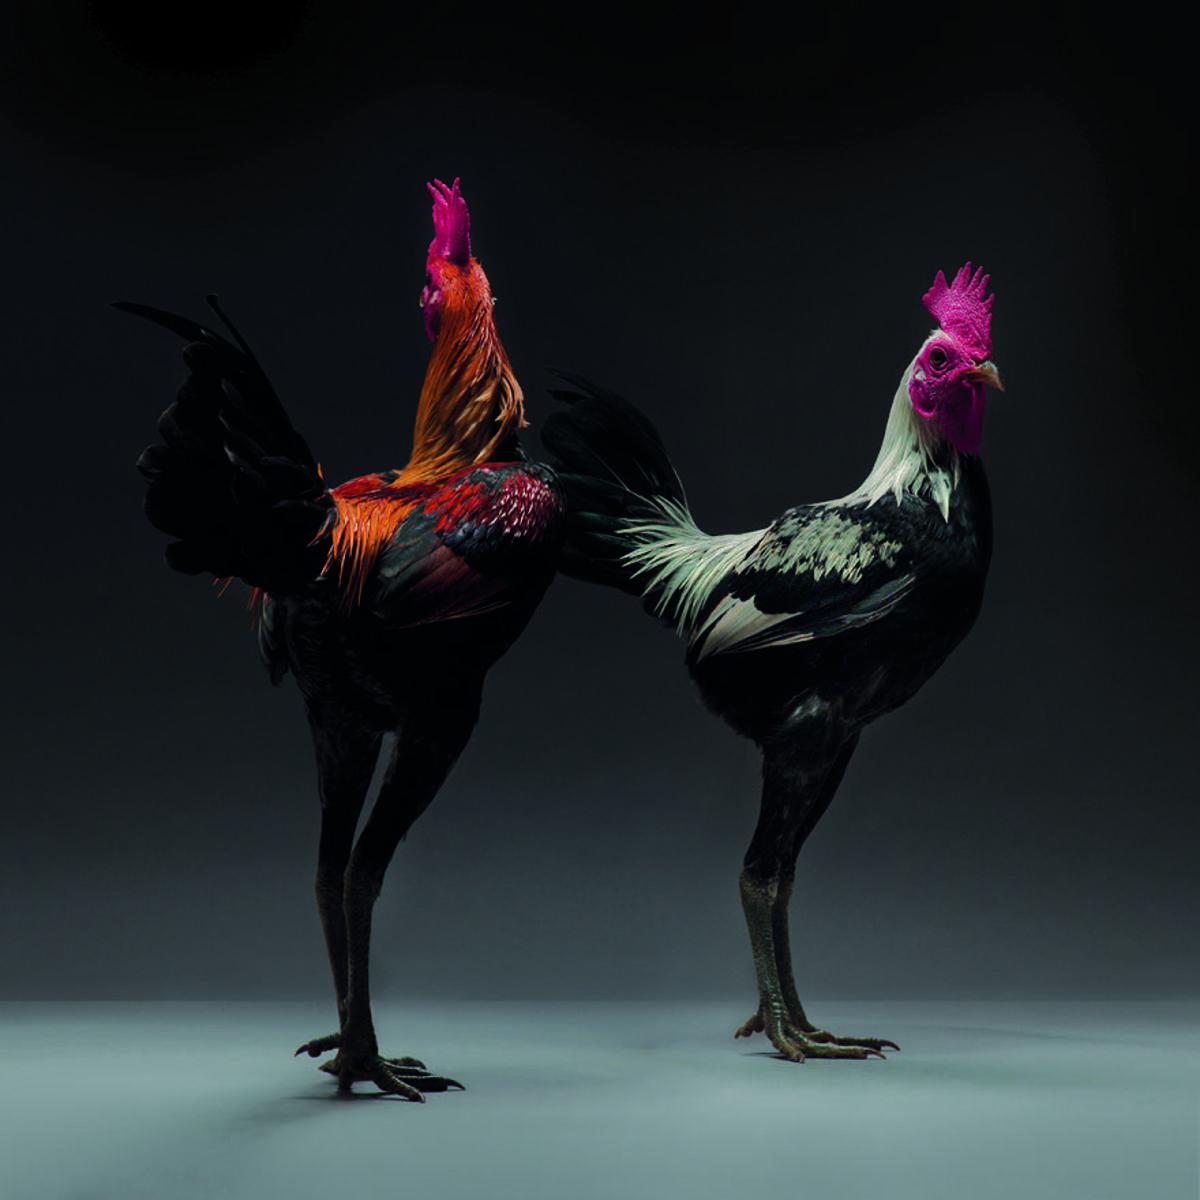 Retratos das galinhas mais bonitas do planeta capturam sua beleza subestimada 13